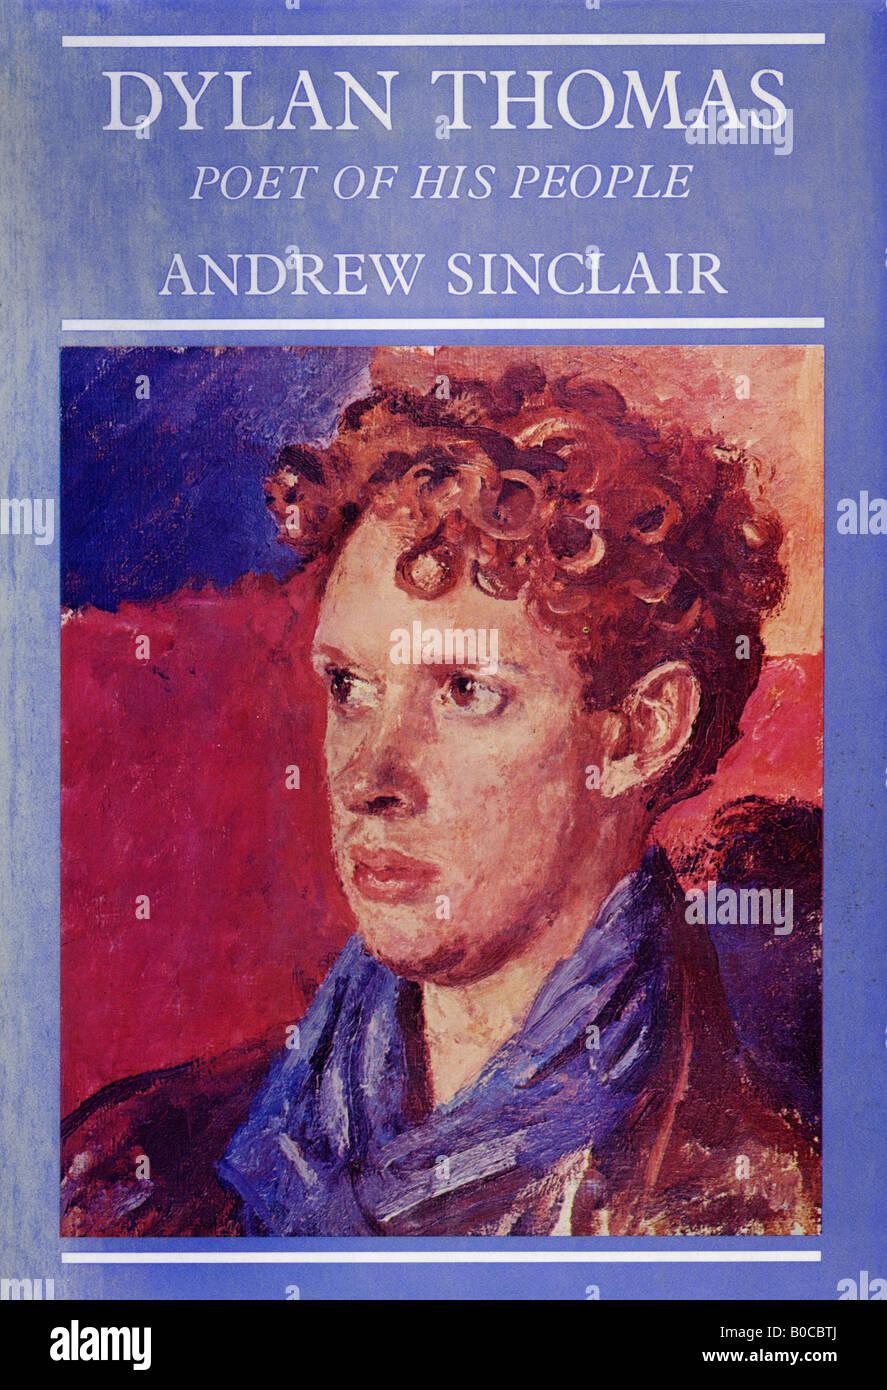 Dylan Thomas Biografia poeta del suo popolo da Andrew Sinclair Hardback prenota con coperchio prima edizione 1975 Immagini Stock